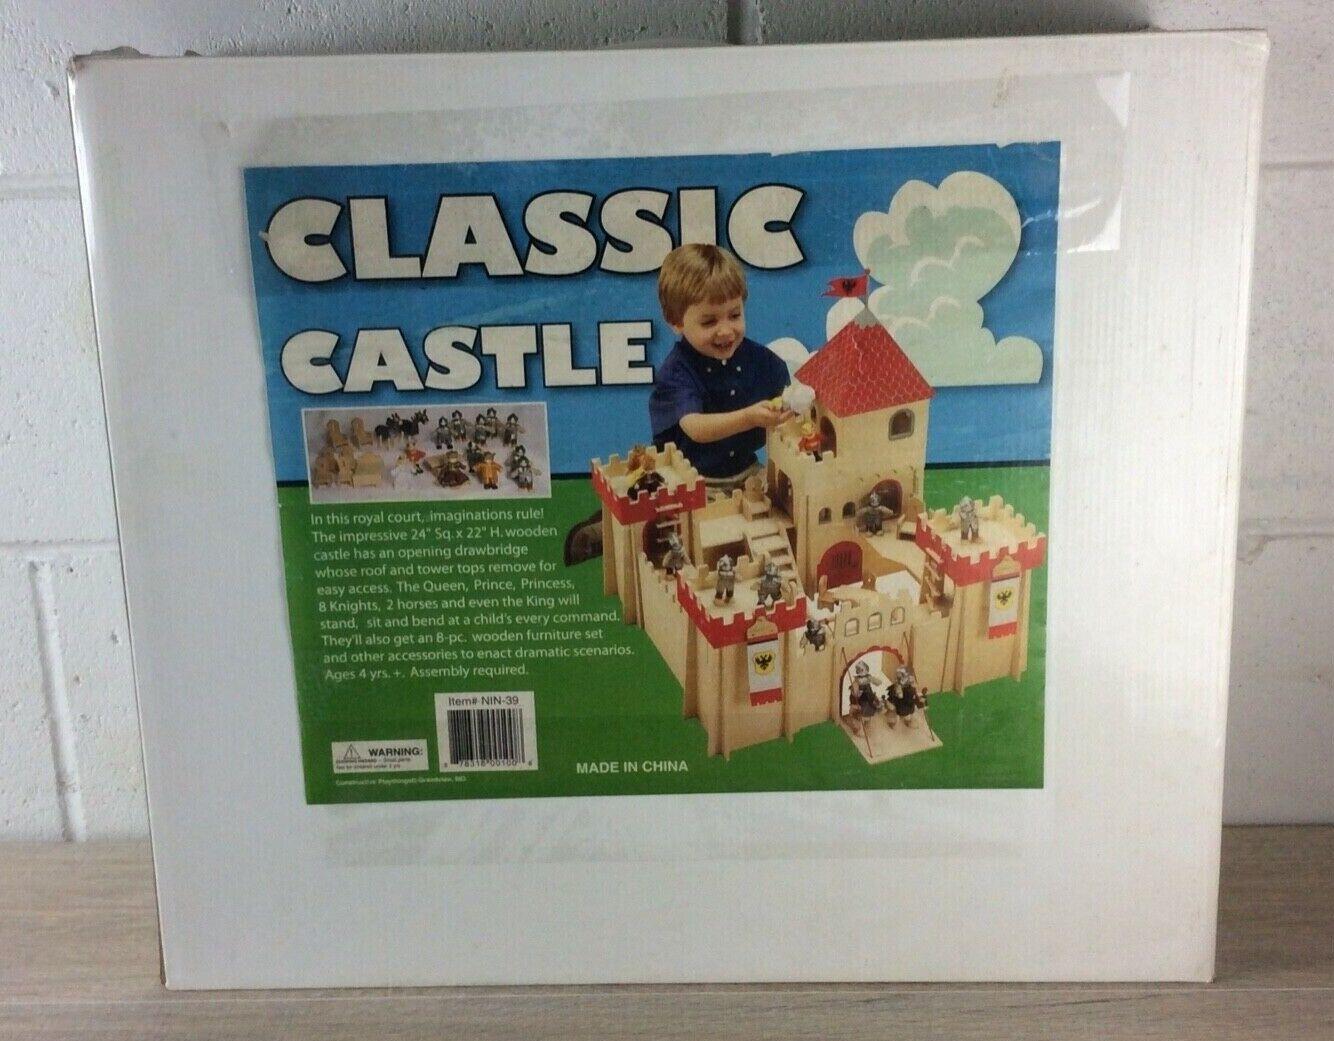 新しい古典的な城の木製のセットセットキングスクイーン騎士、家具ペン先